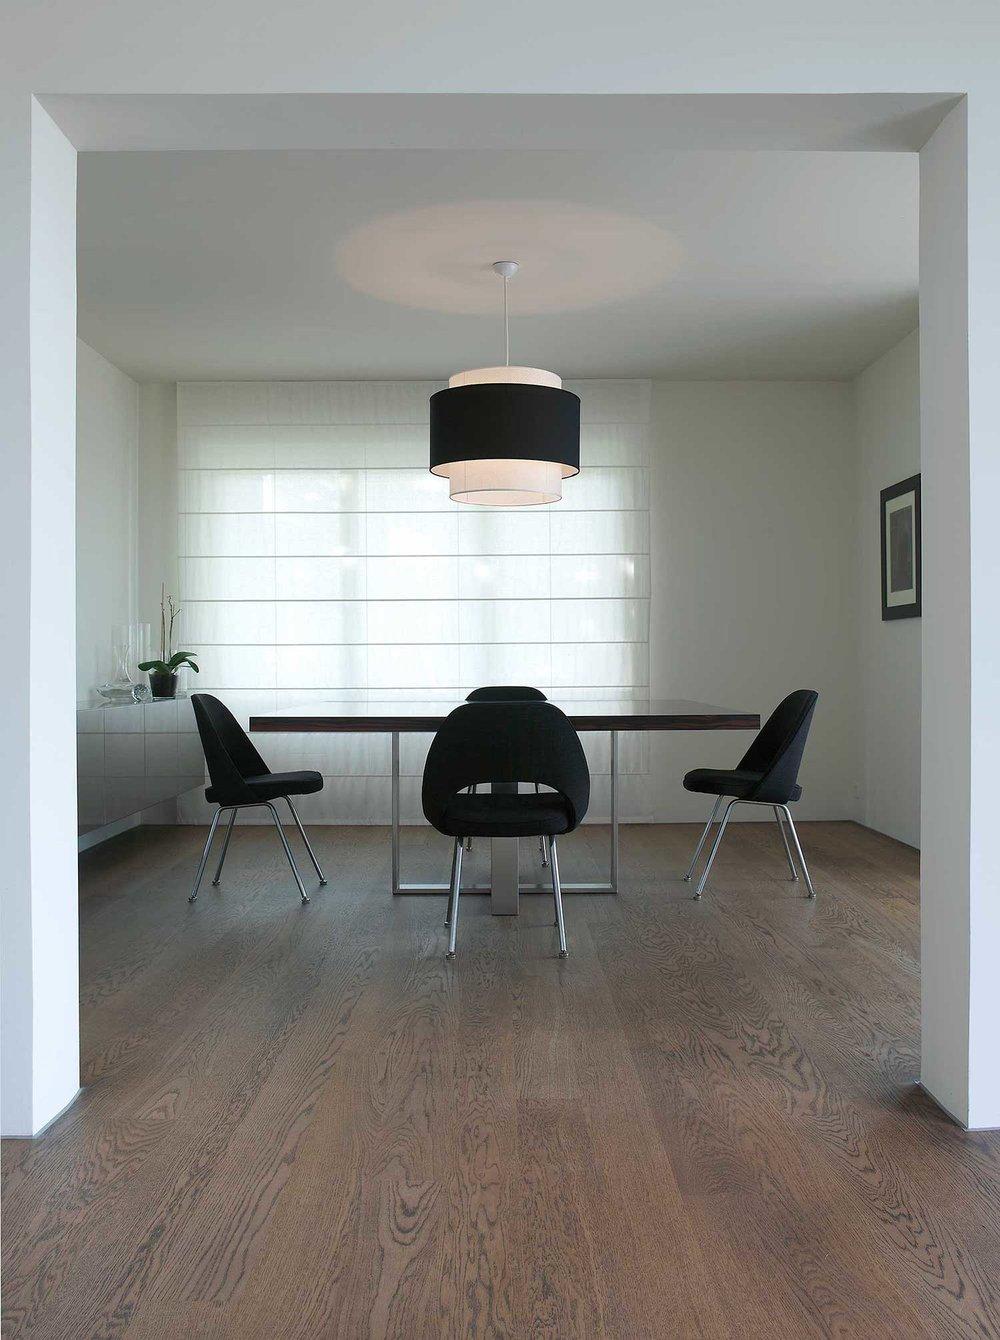 014-iria-degen-interiors-apartment-zurich5.jpg